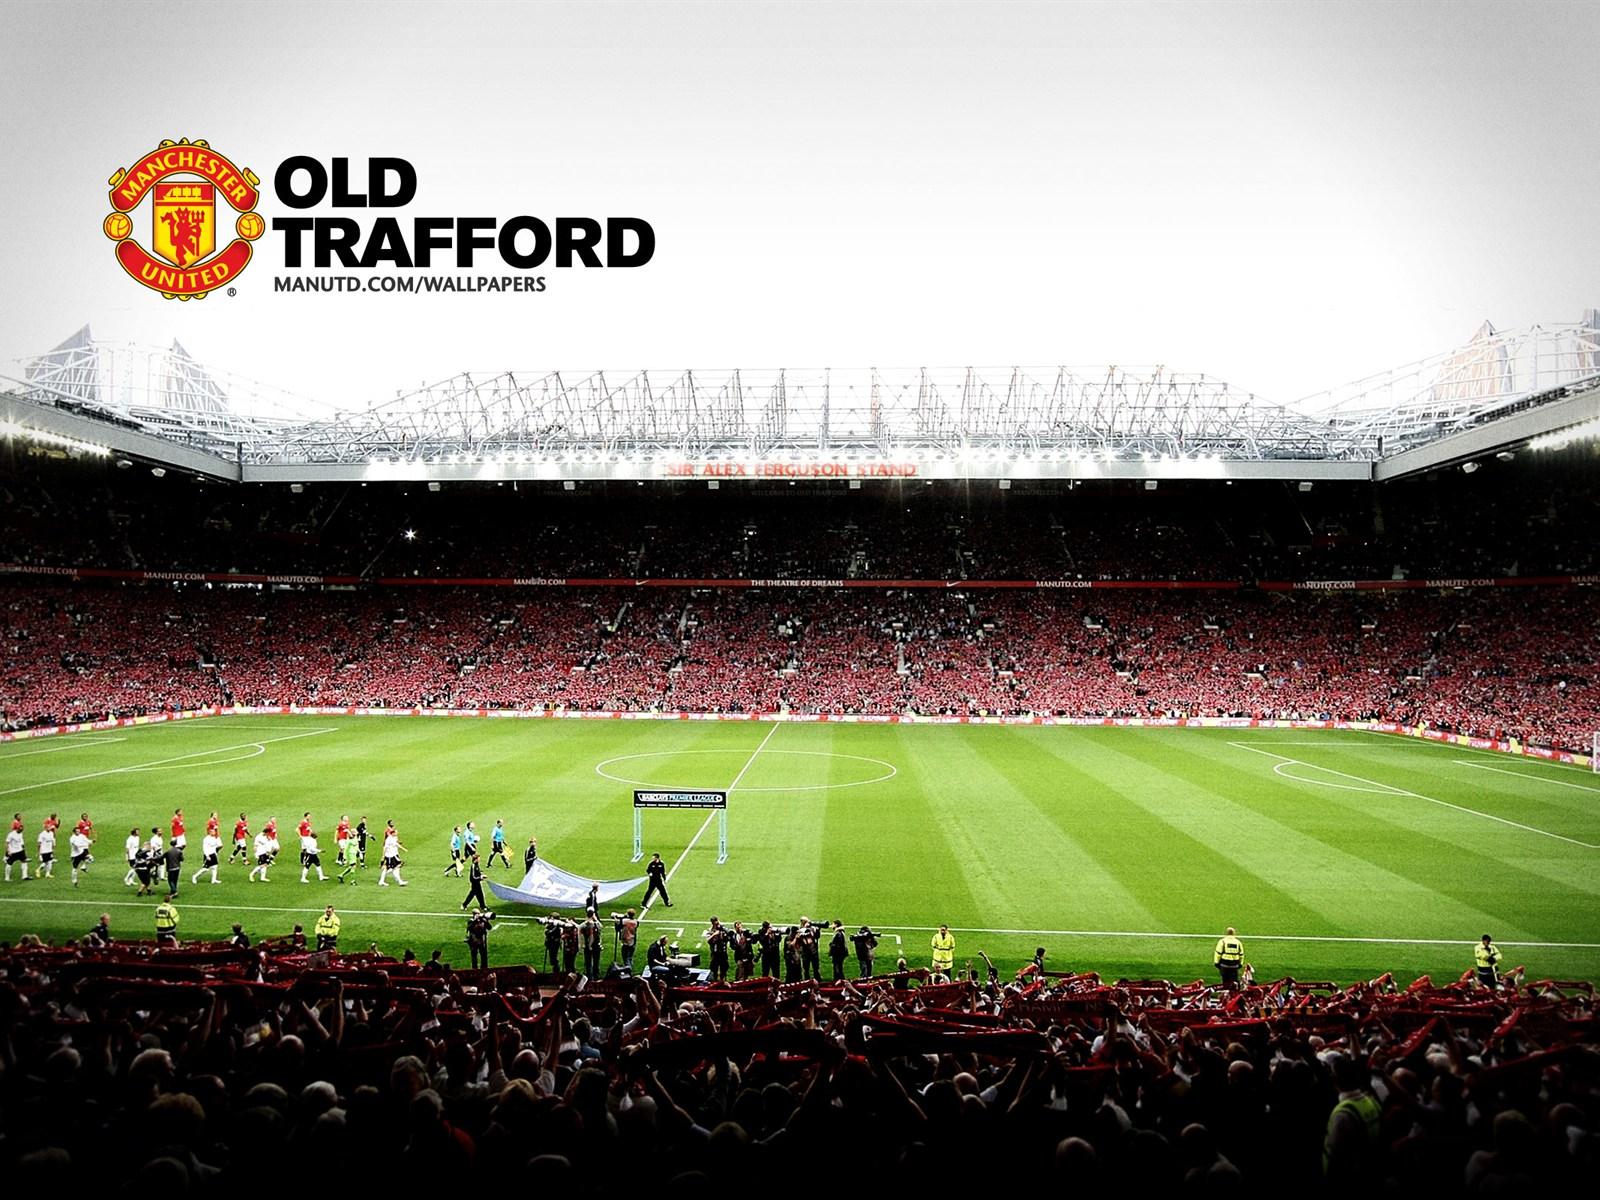 http://3.bp.blogspot.com/-Q0kX1eaQ6OM/UFhxmYKVMfI/AAAAAAAAAHg/5cmm_Hjtj1Y/s1600/old_trafford_stadium_wallpaper+2.jpeg